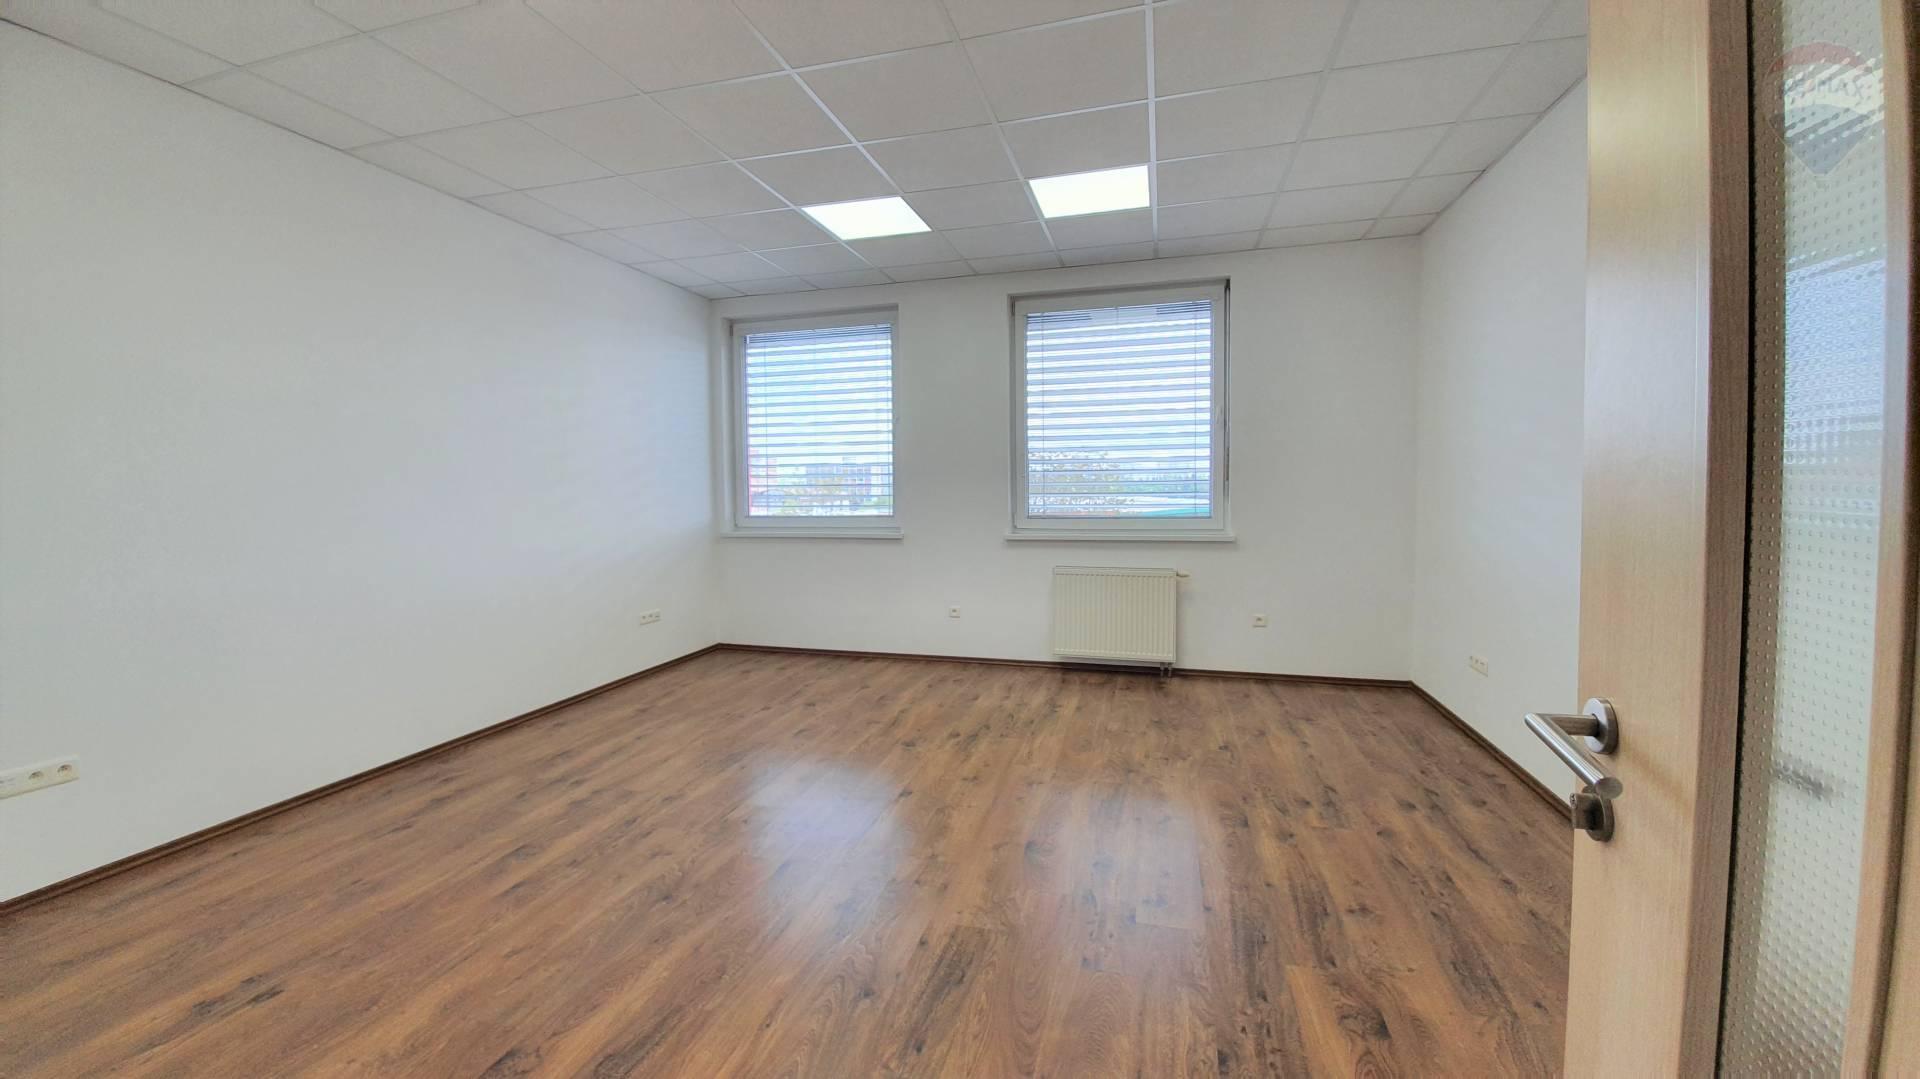 NA PRENÁJOM KANCELÁRIA, NITRA - CHRENOVÁ, 26 m2